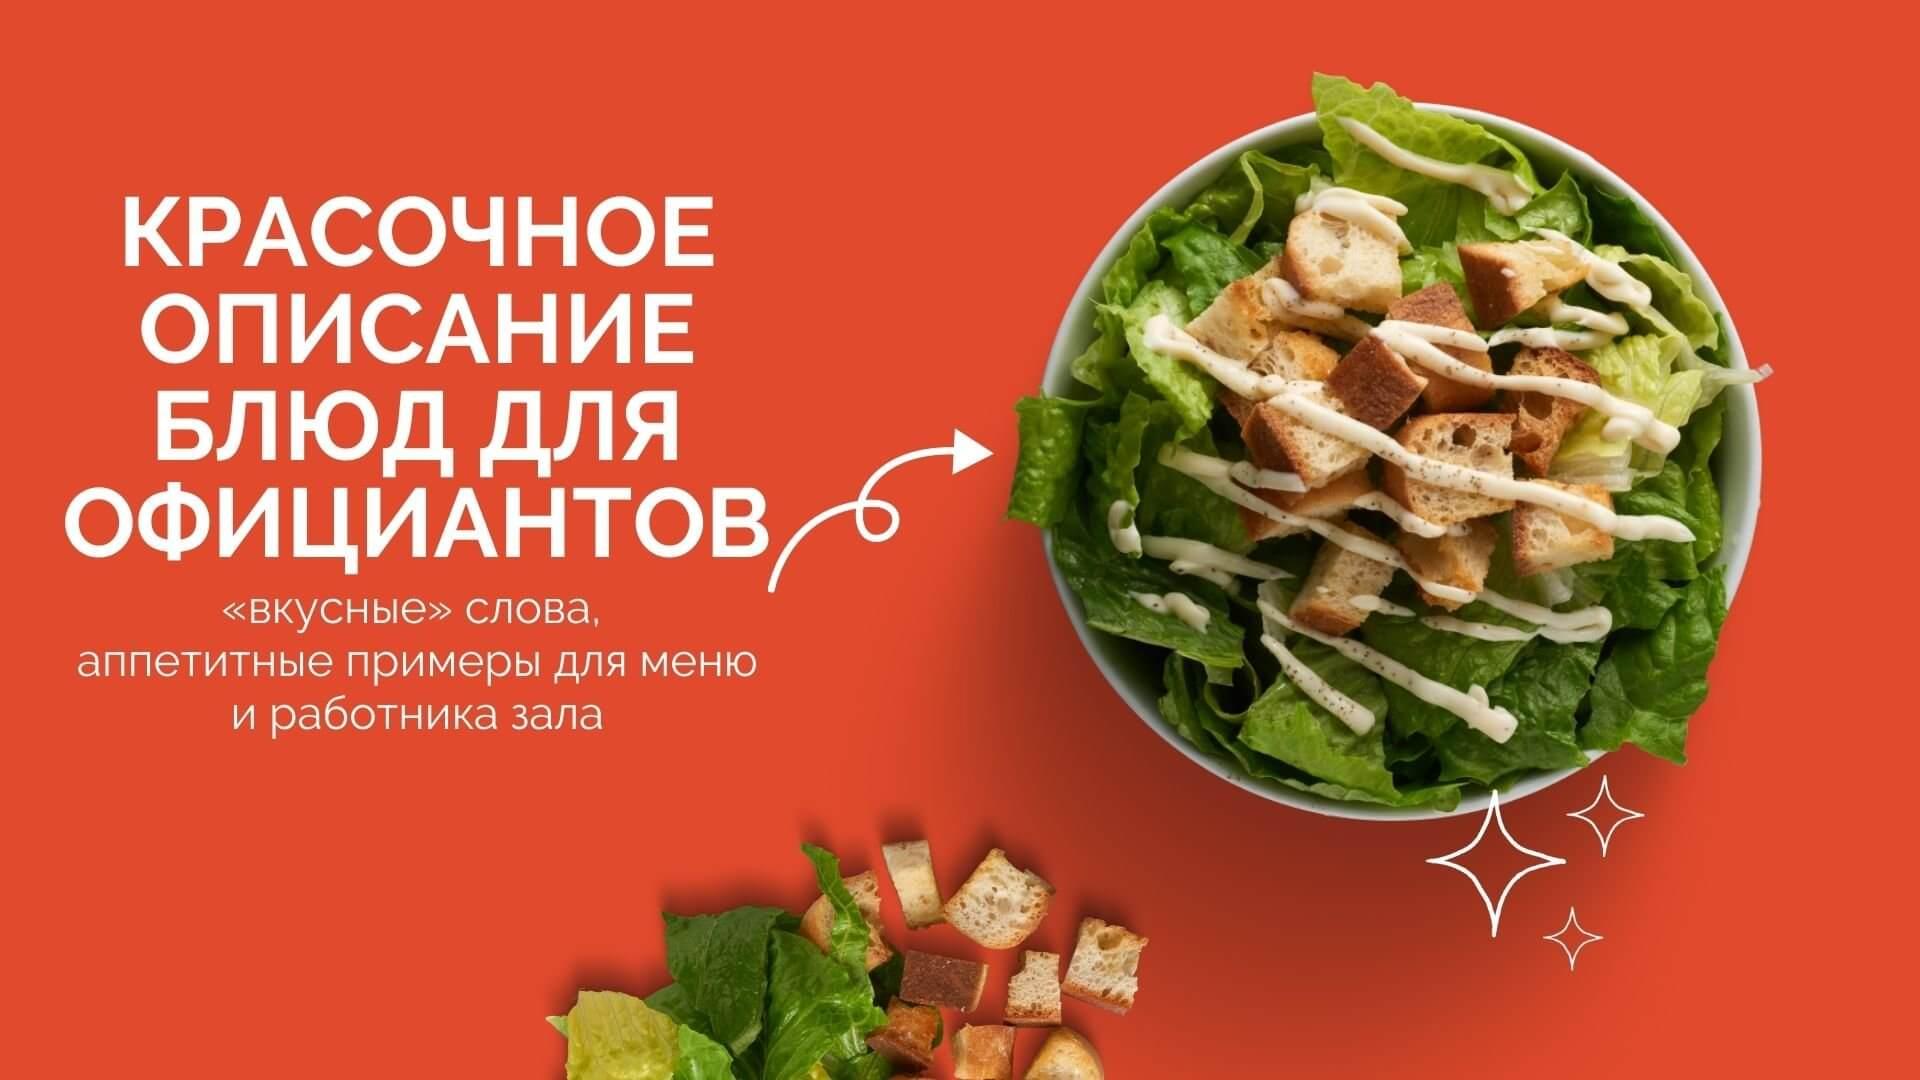 Красочное описание блюд для официантов: «вкусные» слова, аппетитные примеры для меню и работника зала